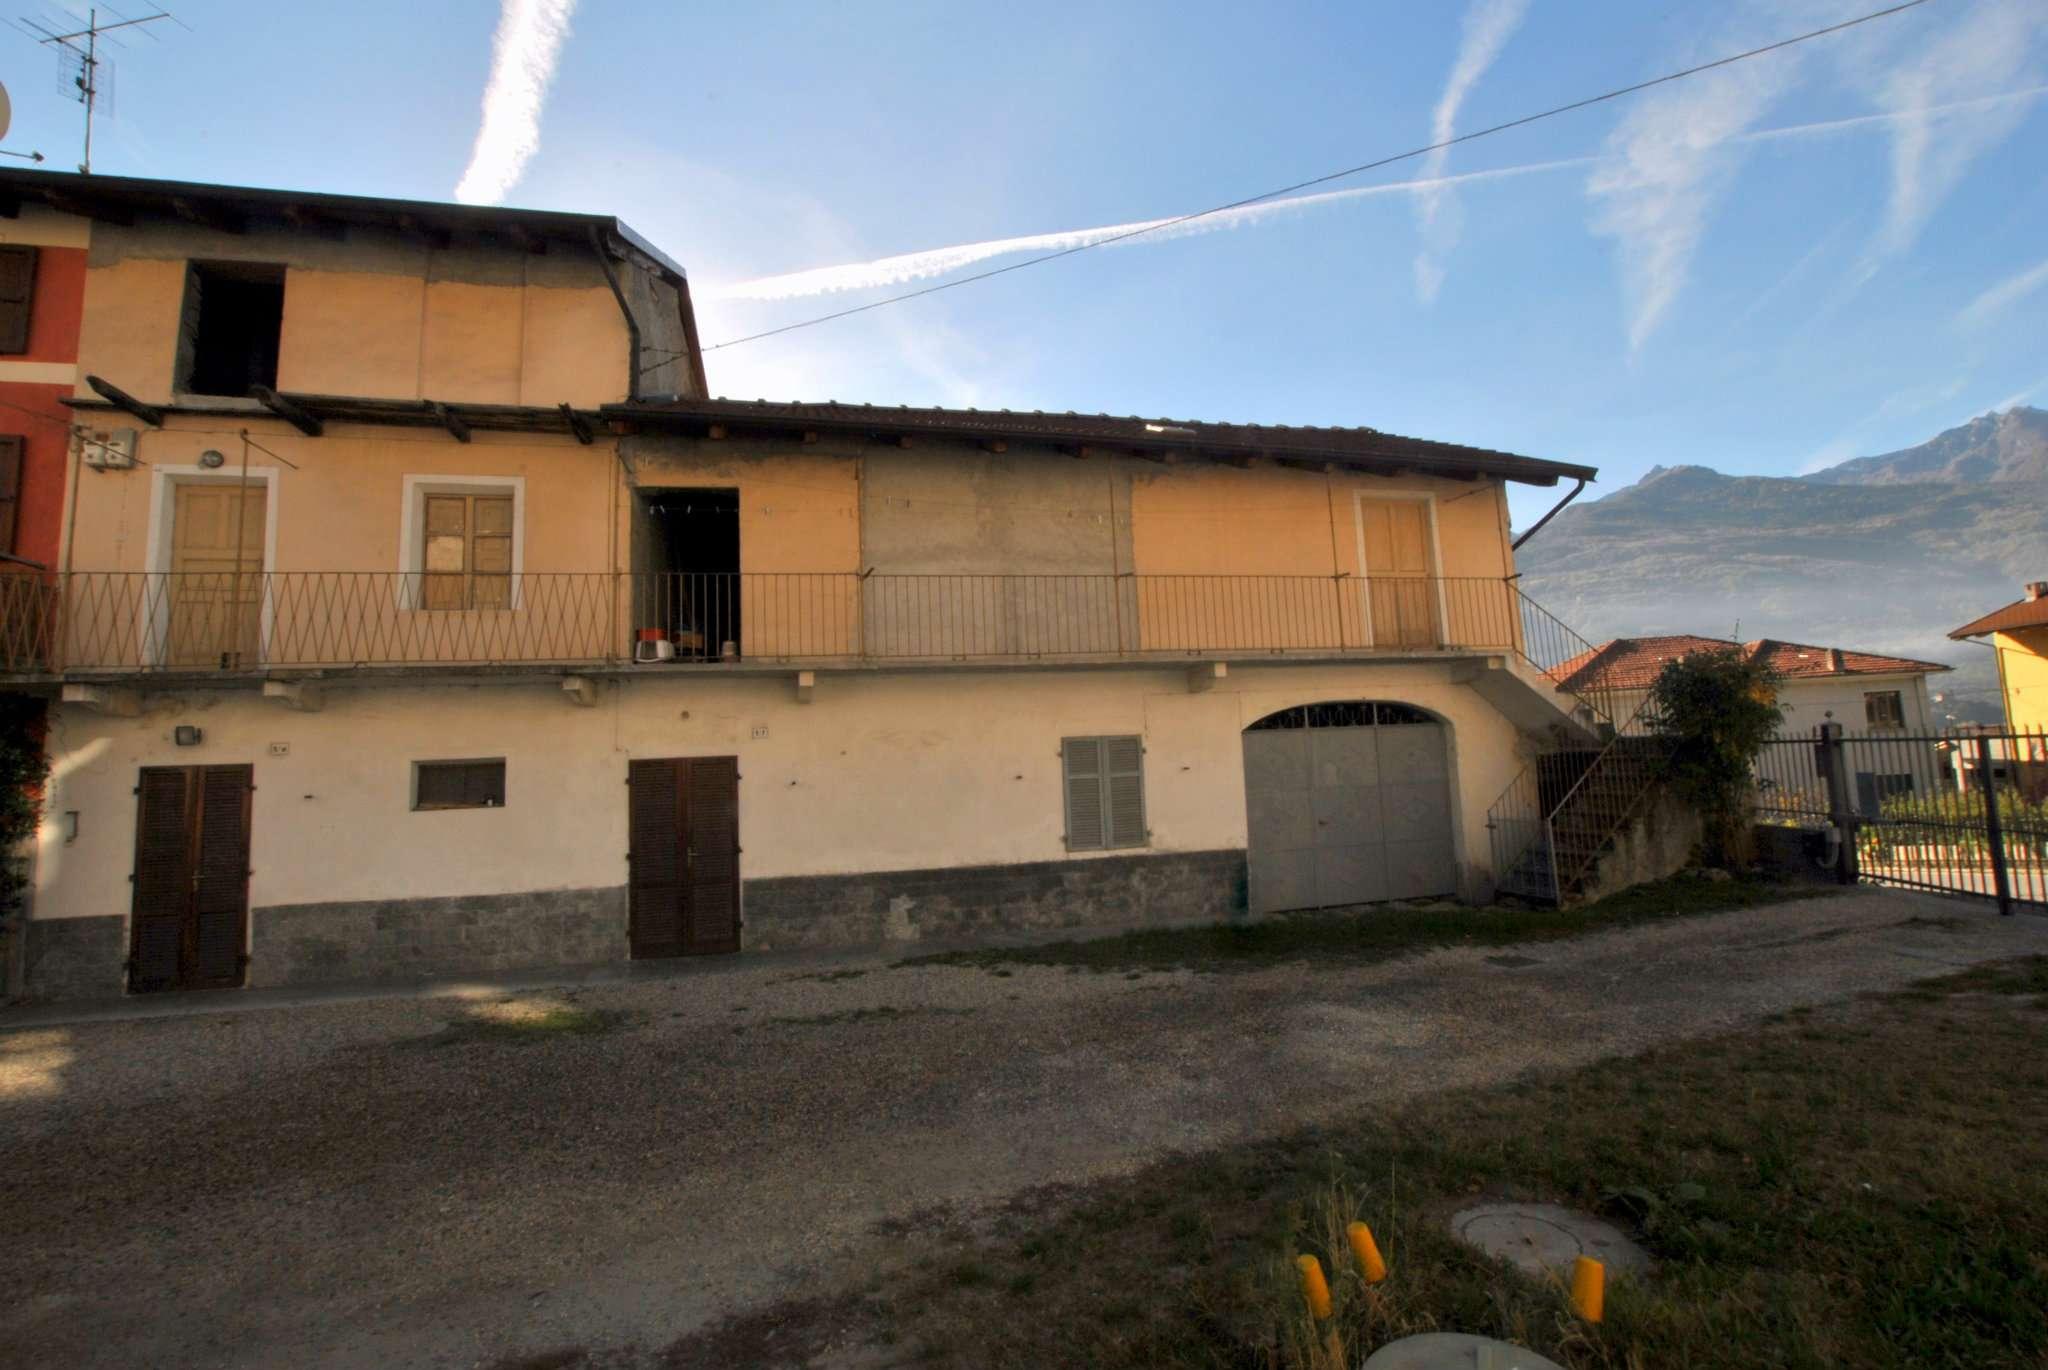 Soluzione Semindipendente in vendita a Bruzolo, 3 locali, prezzo € 53.000   CambioCasa.it